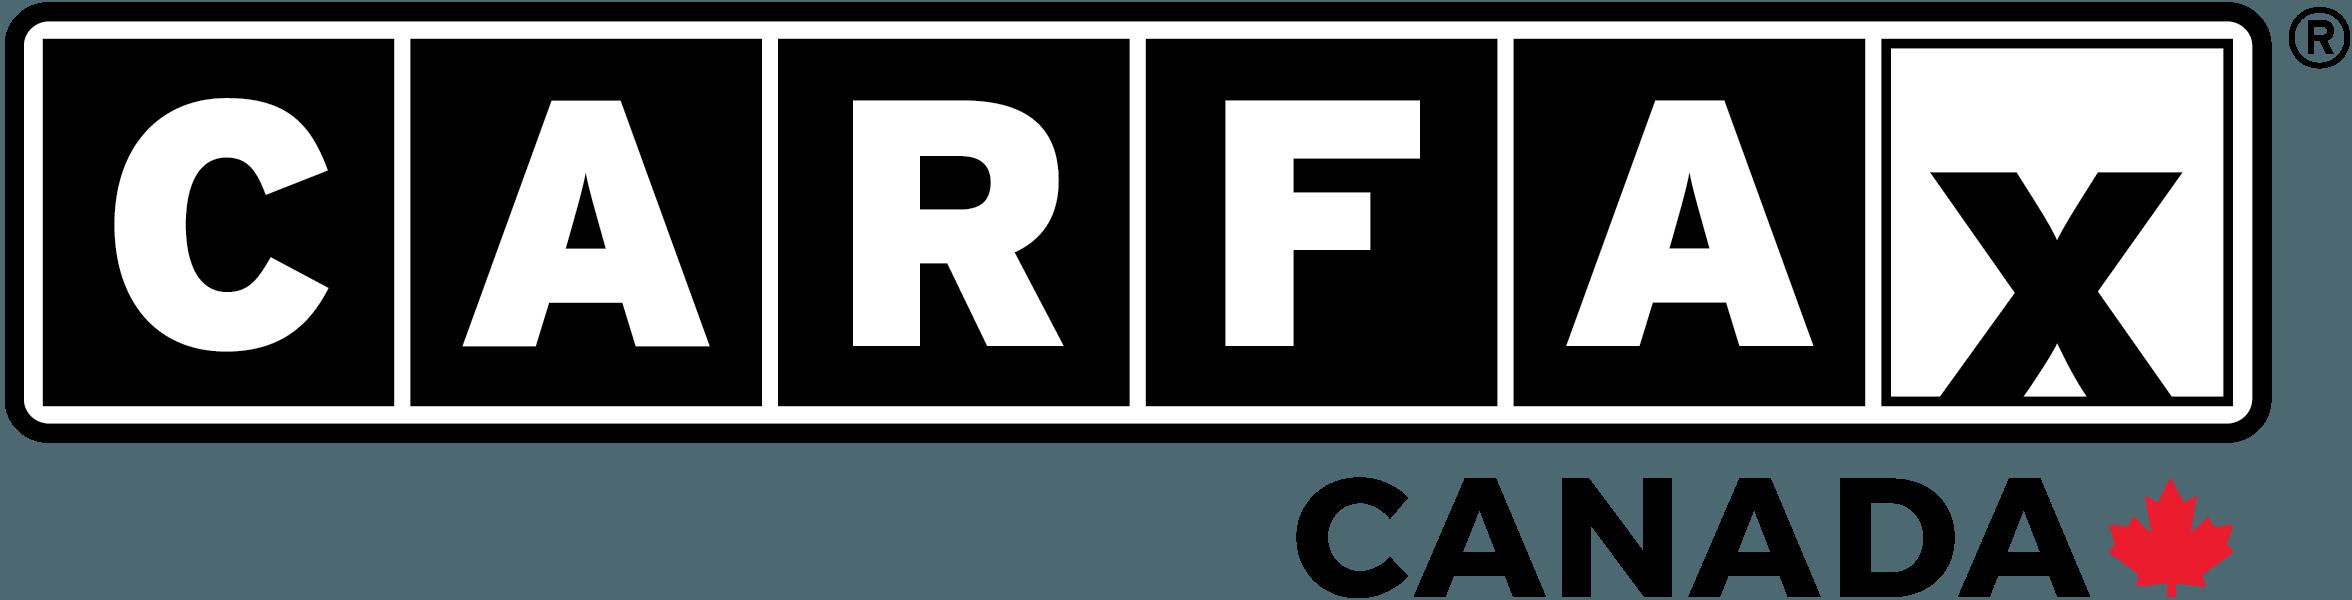 Carfax.